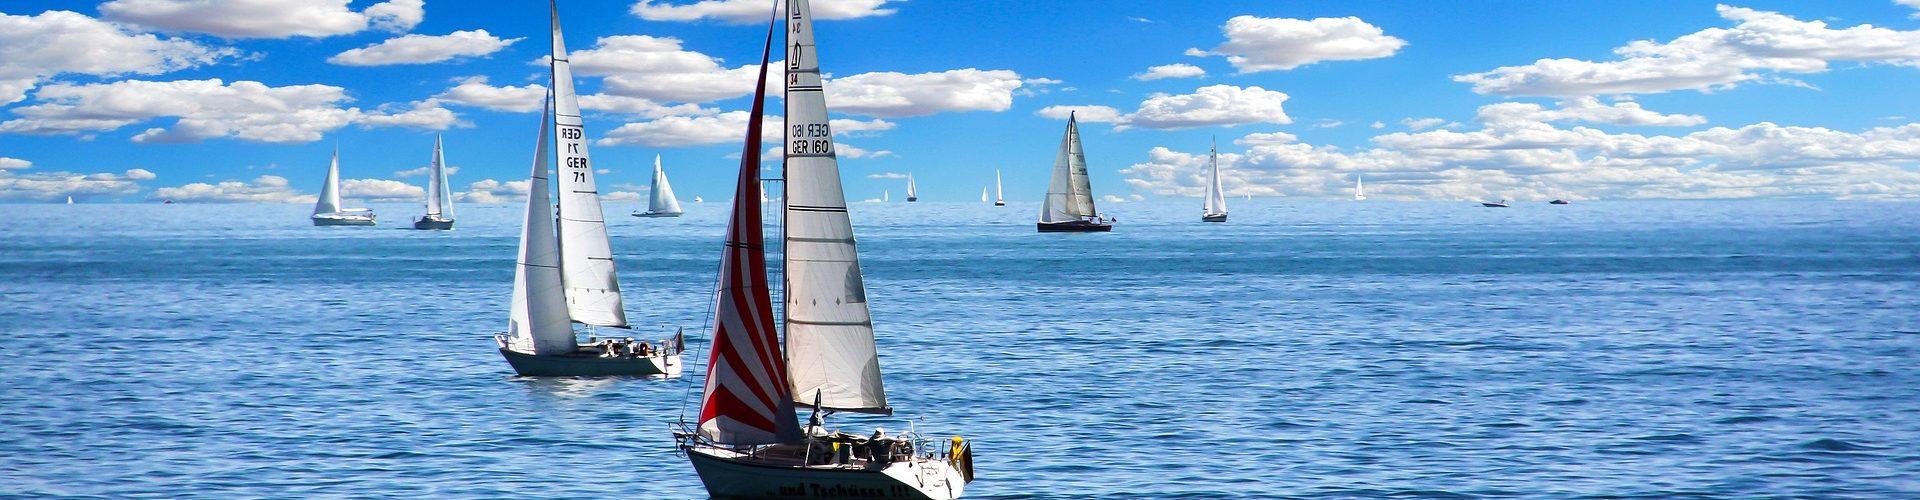 segeln lernen in Rheurdt segelschein machen in Rheurdt 1920x500 - Segeln lernen in Rheurdt